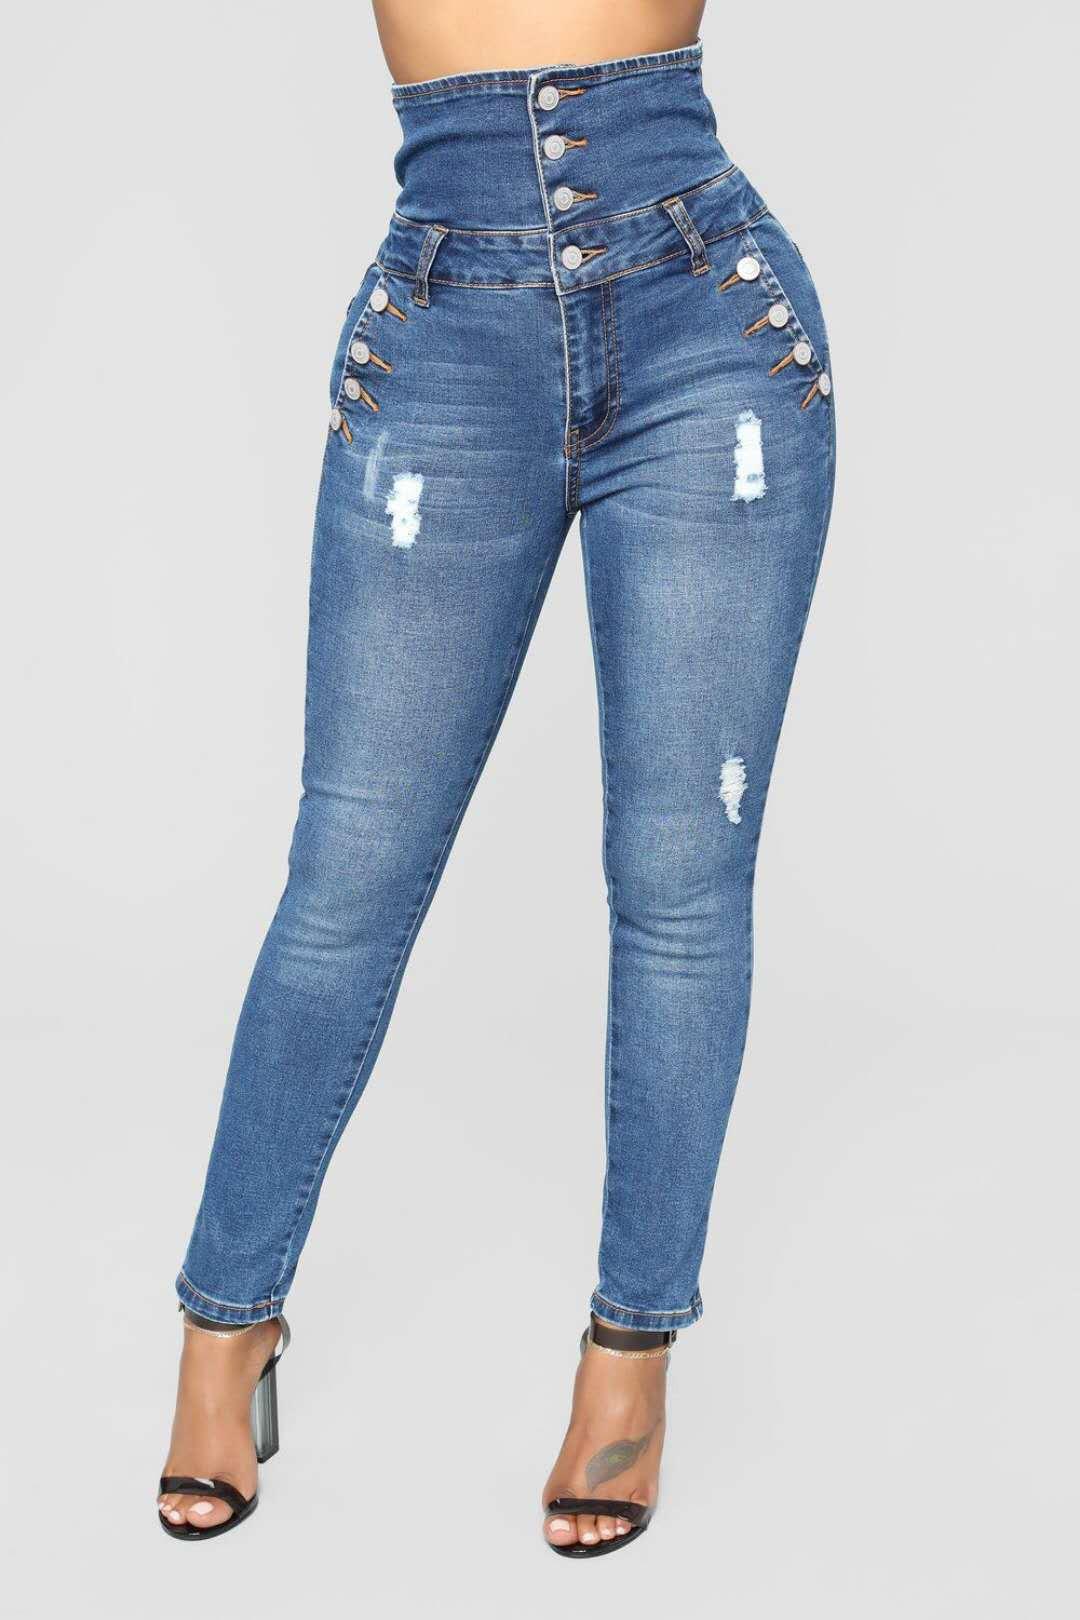 Compre Dama De La Moda Estilo Europeo De La Belleza Azul Jeans Nuevos Pantalones De Talle Alto Con Elastico De Cuatro Pechos Cuerpo Delgado S 3xl A 17 66 Del Lv529907431 Dhgate Com